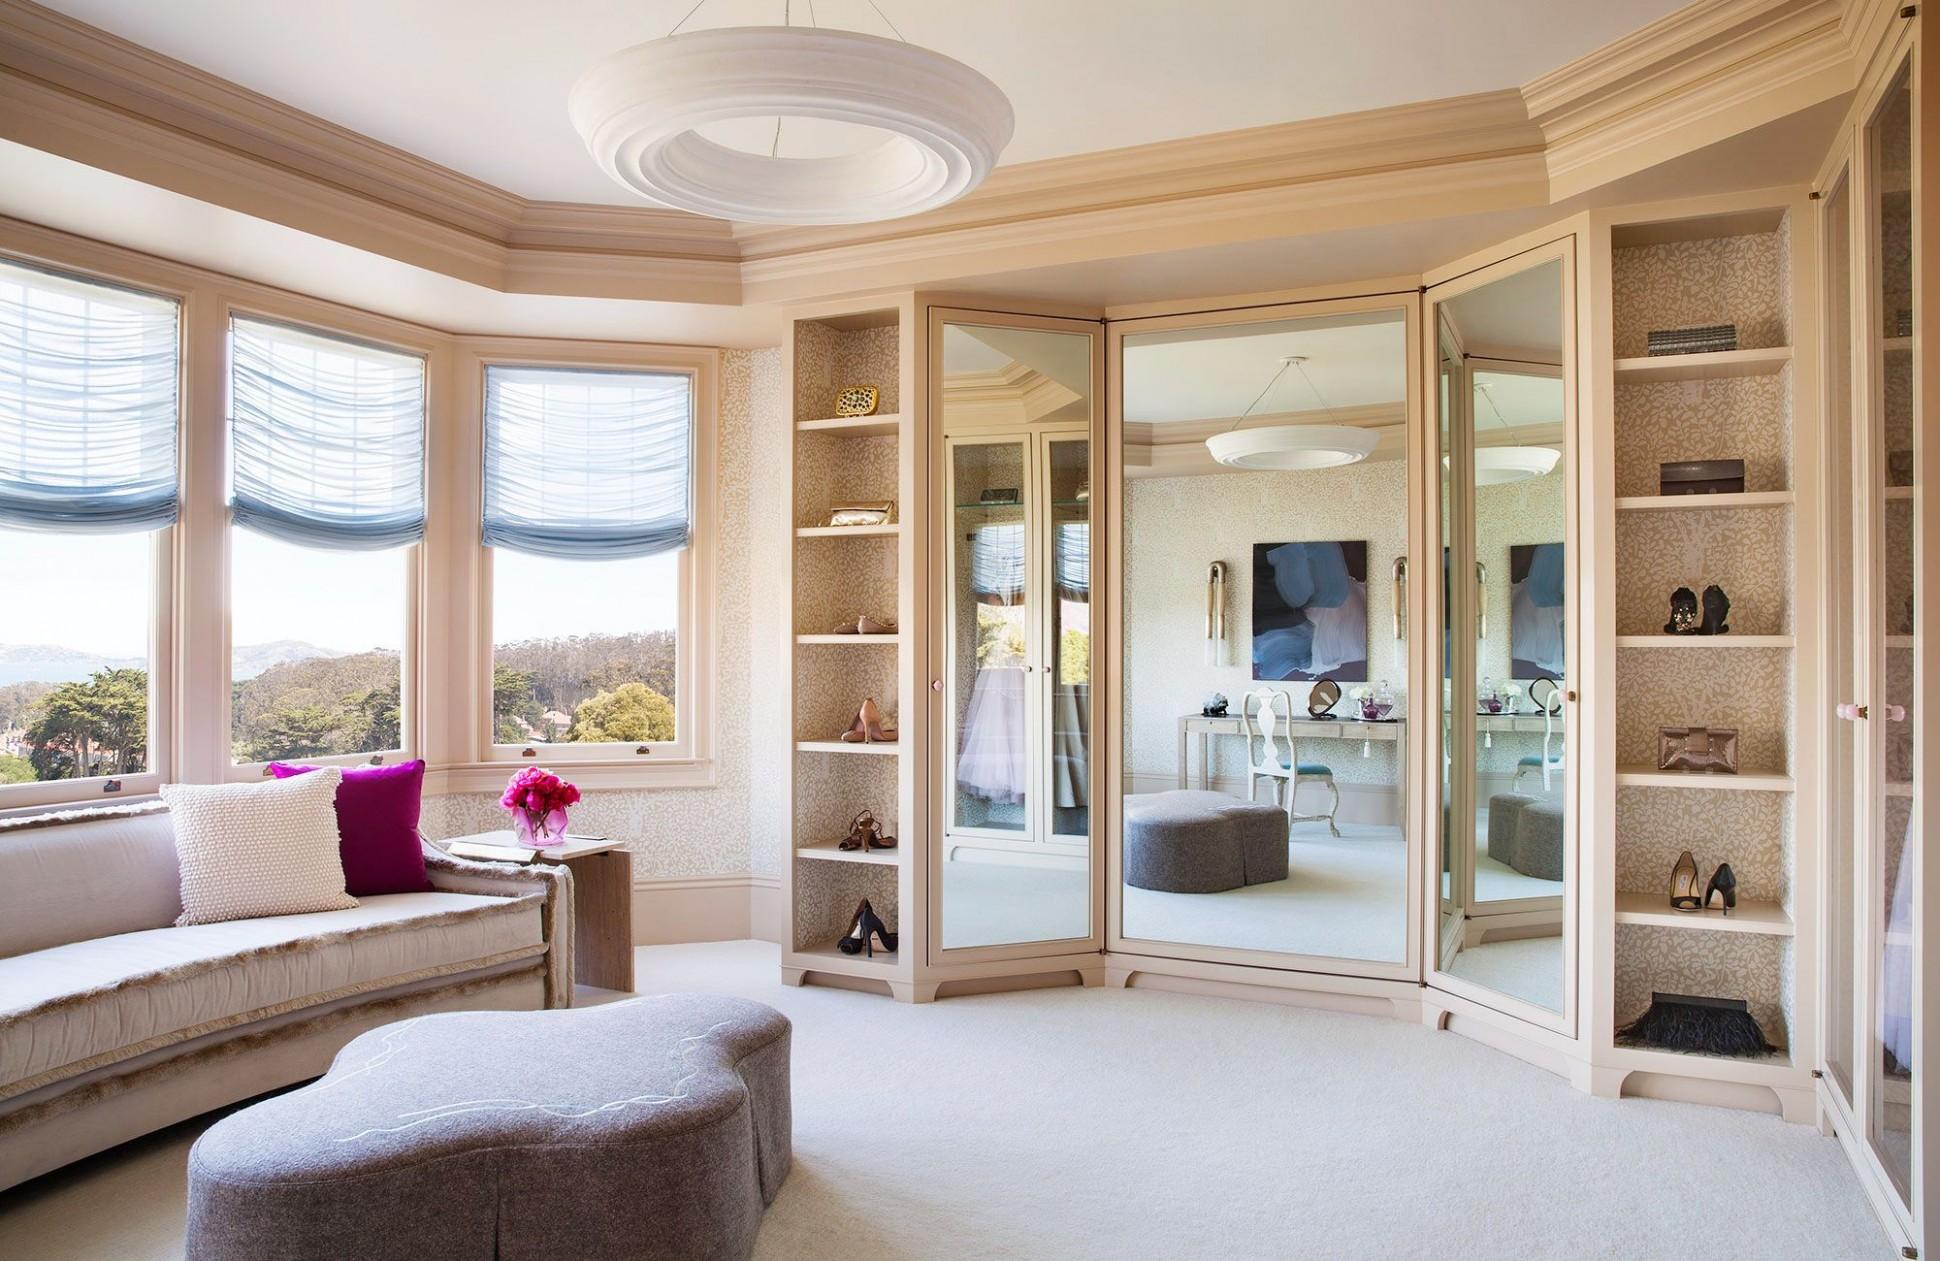 8 Best Walk In Closet Storage Ideas and Designs for Master Bedrooms - Closet Ideas For Master Bedroom